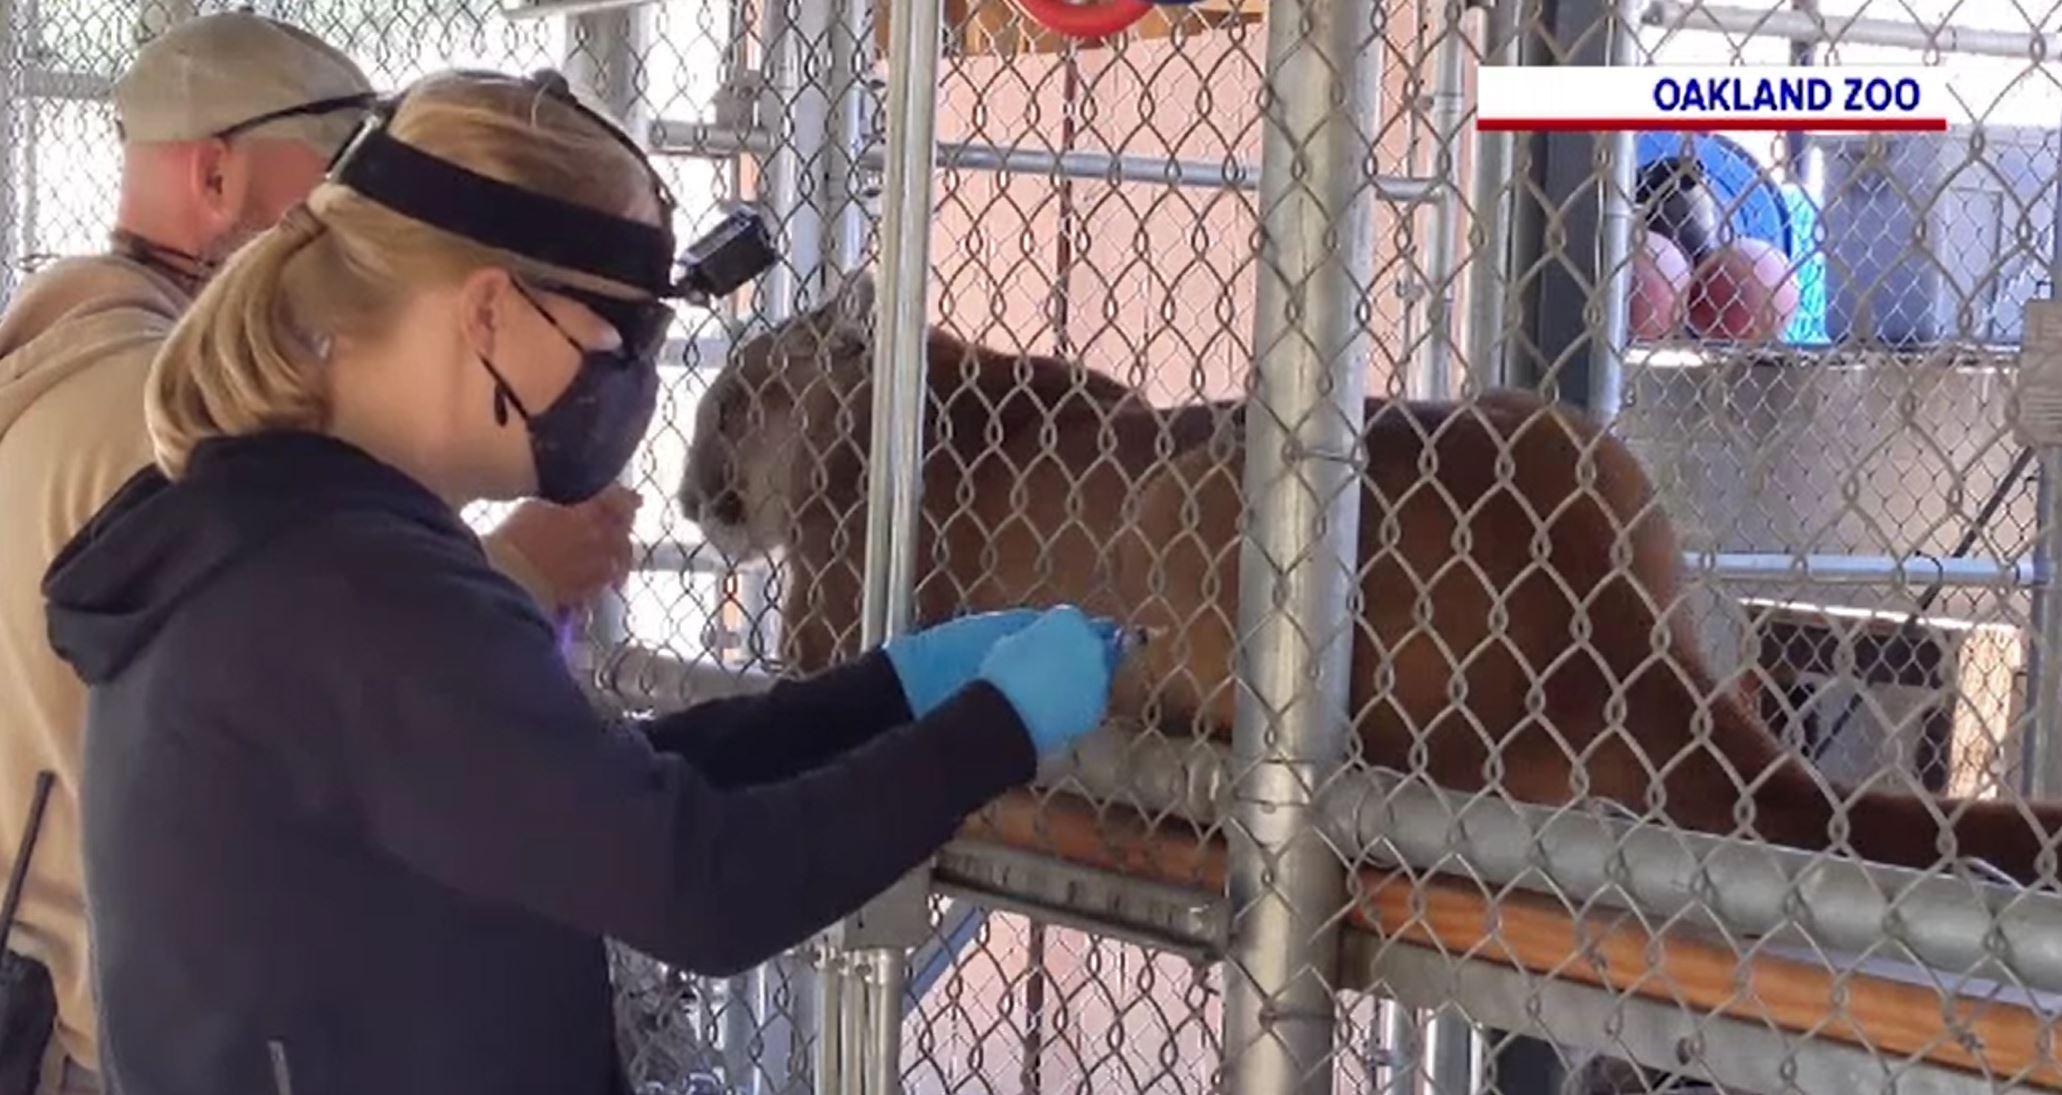 O grădină zoologică din Statele Unite a început să își vaccineze animalele anti-COVID